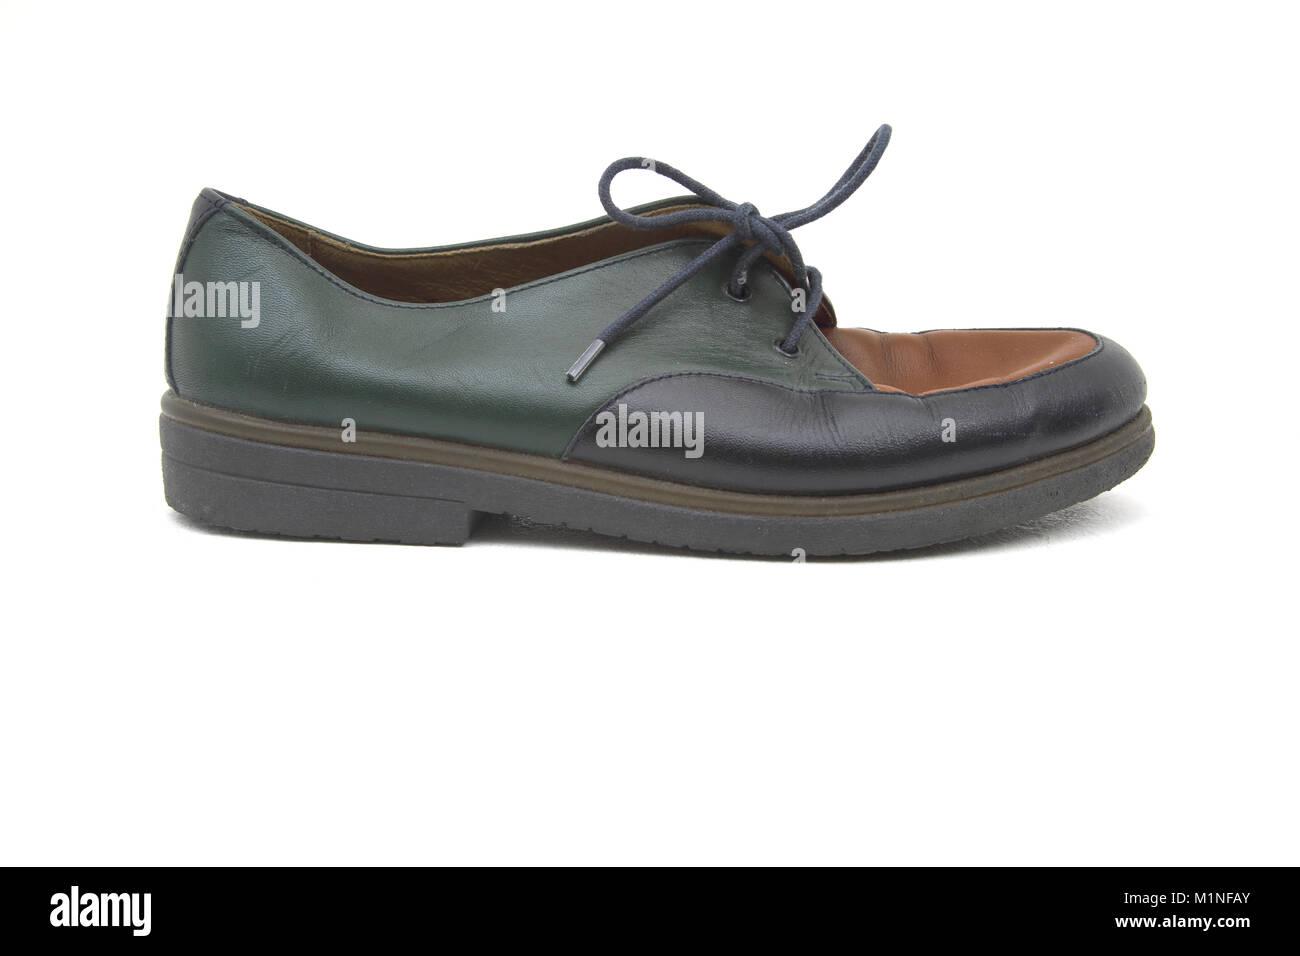 7be4fab1 Zapato De Cuero Imágenes De Stock & Zapato De Cuero Fotos De Stock ...